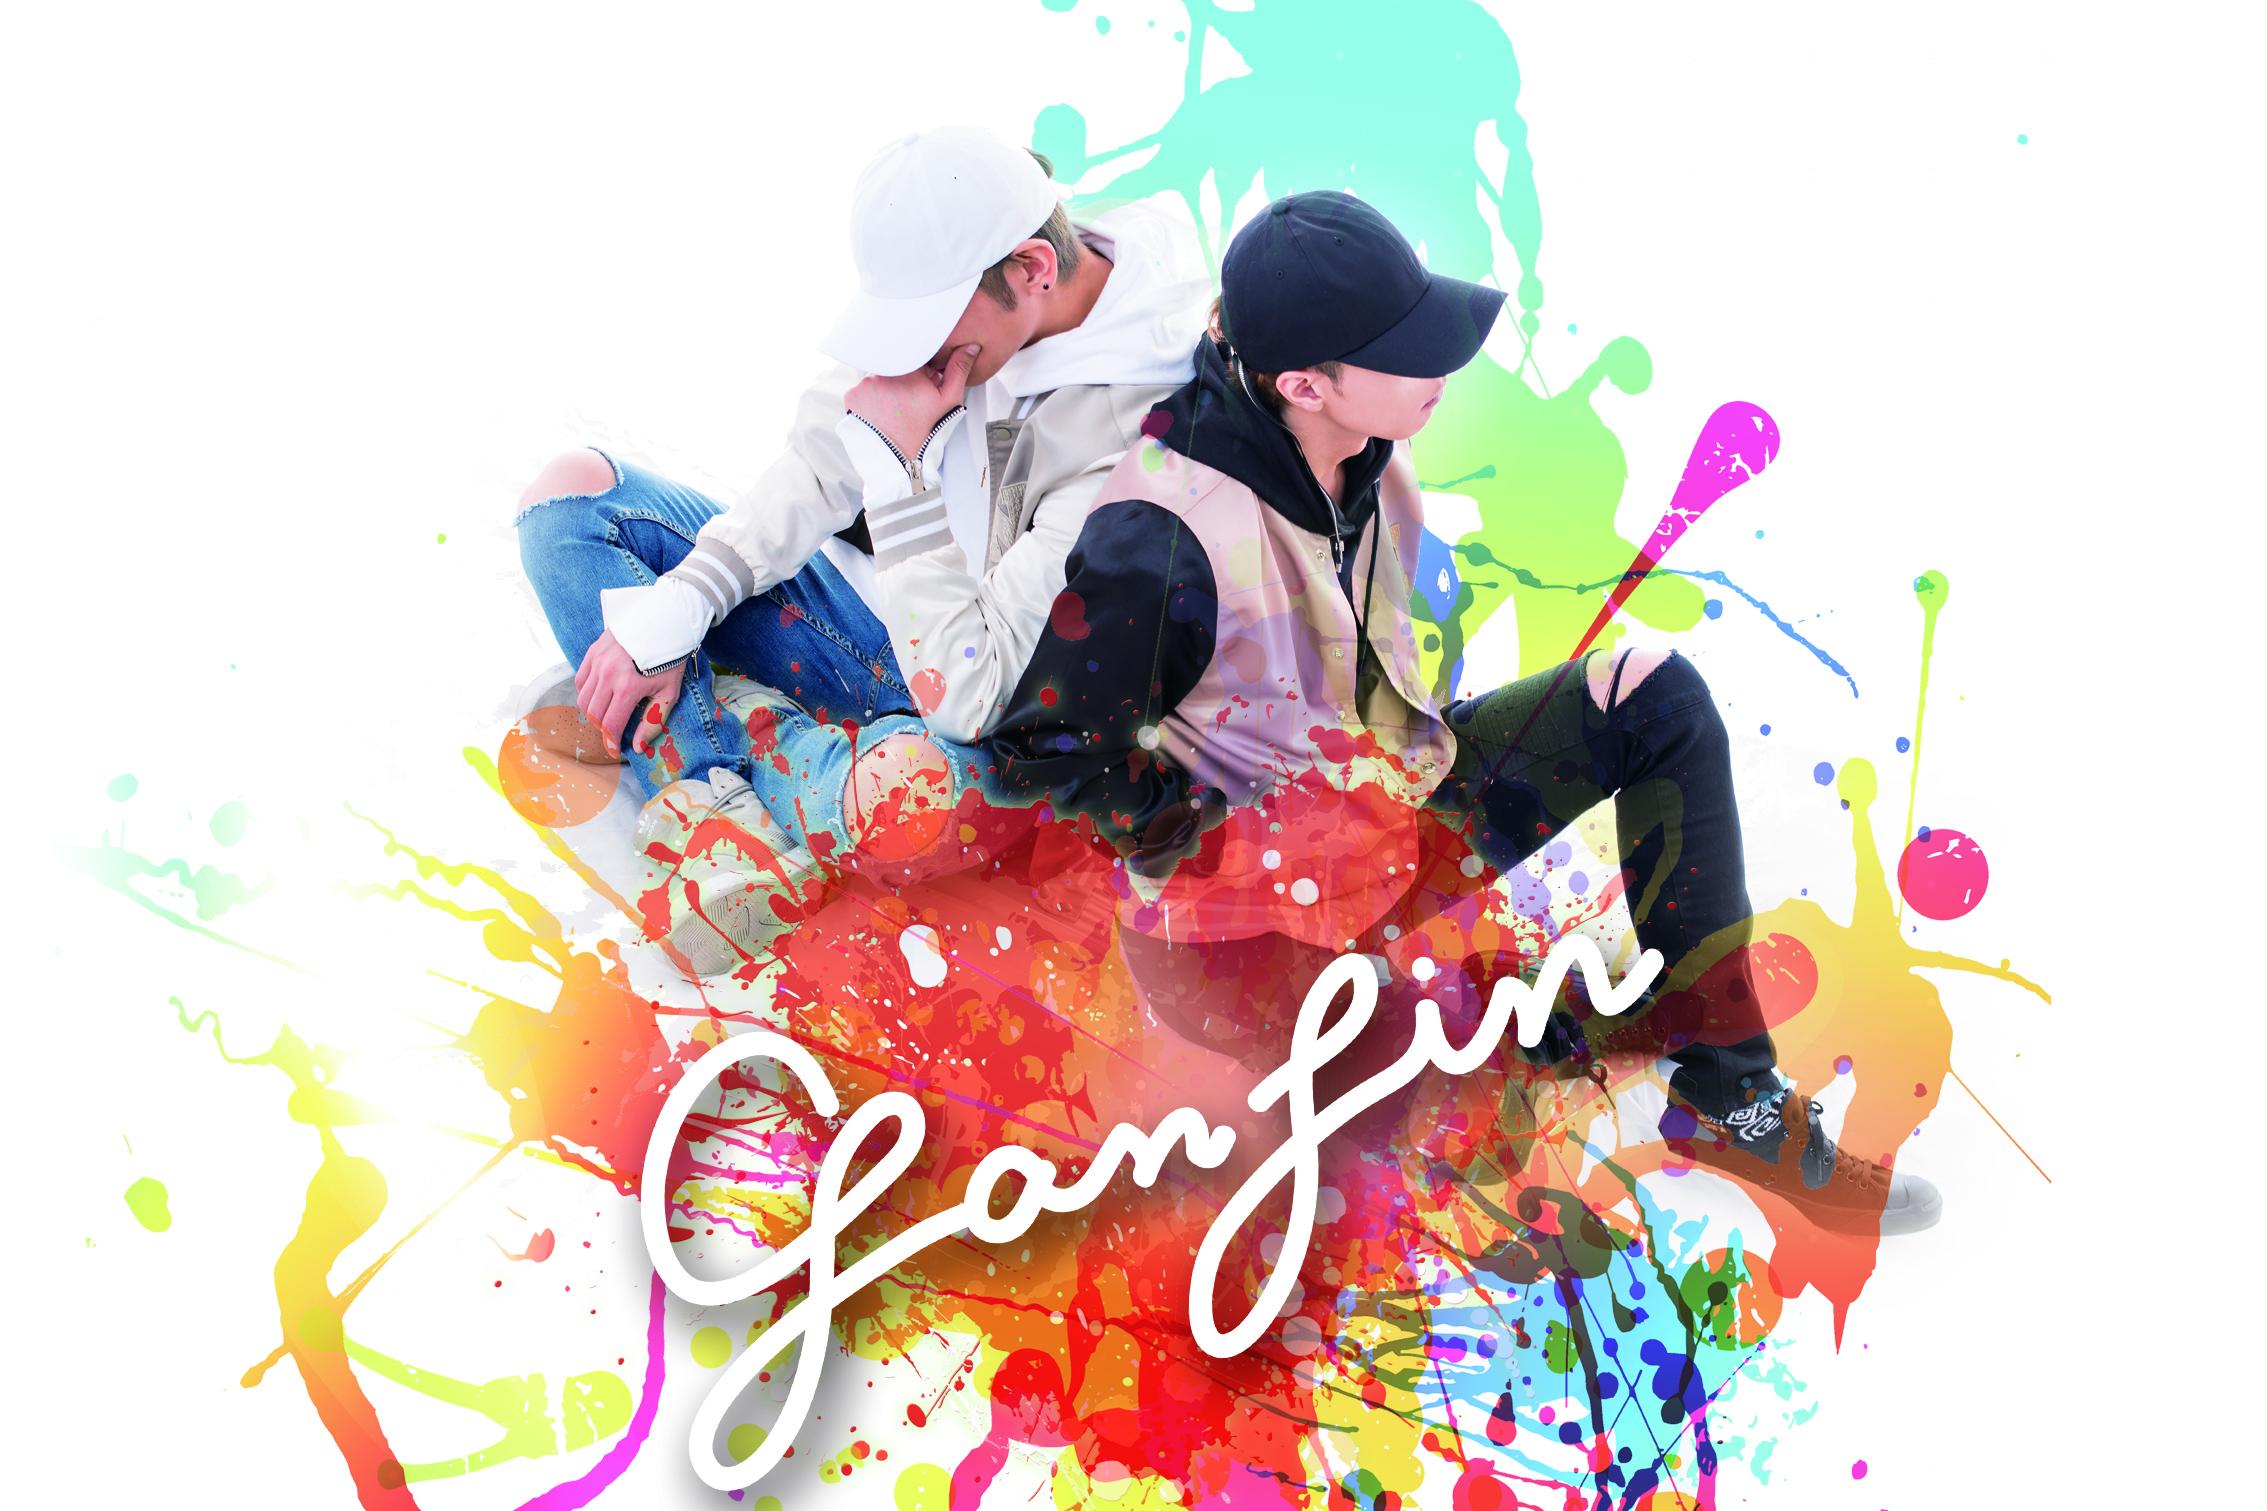 【GANJIN】New Single「wish」ミュージックビデオを皆で作ろう!